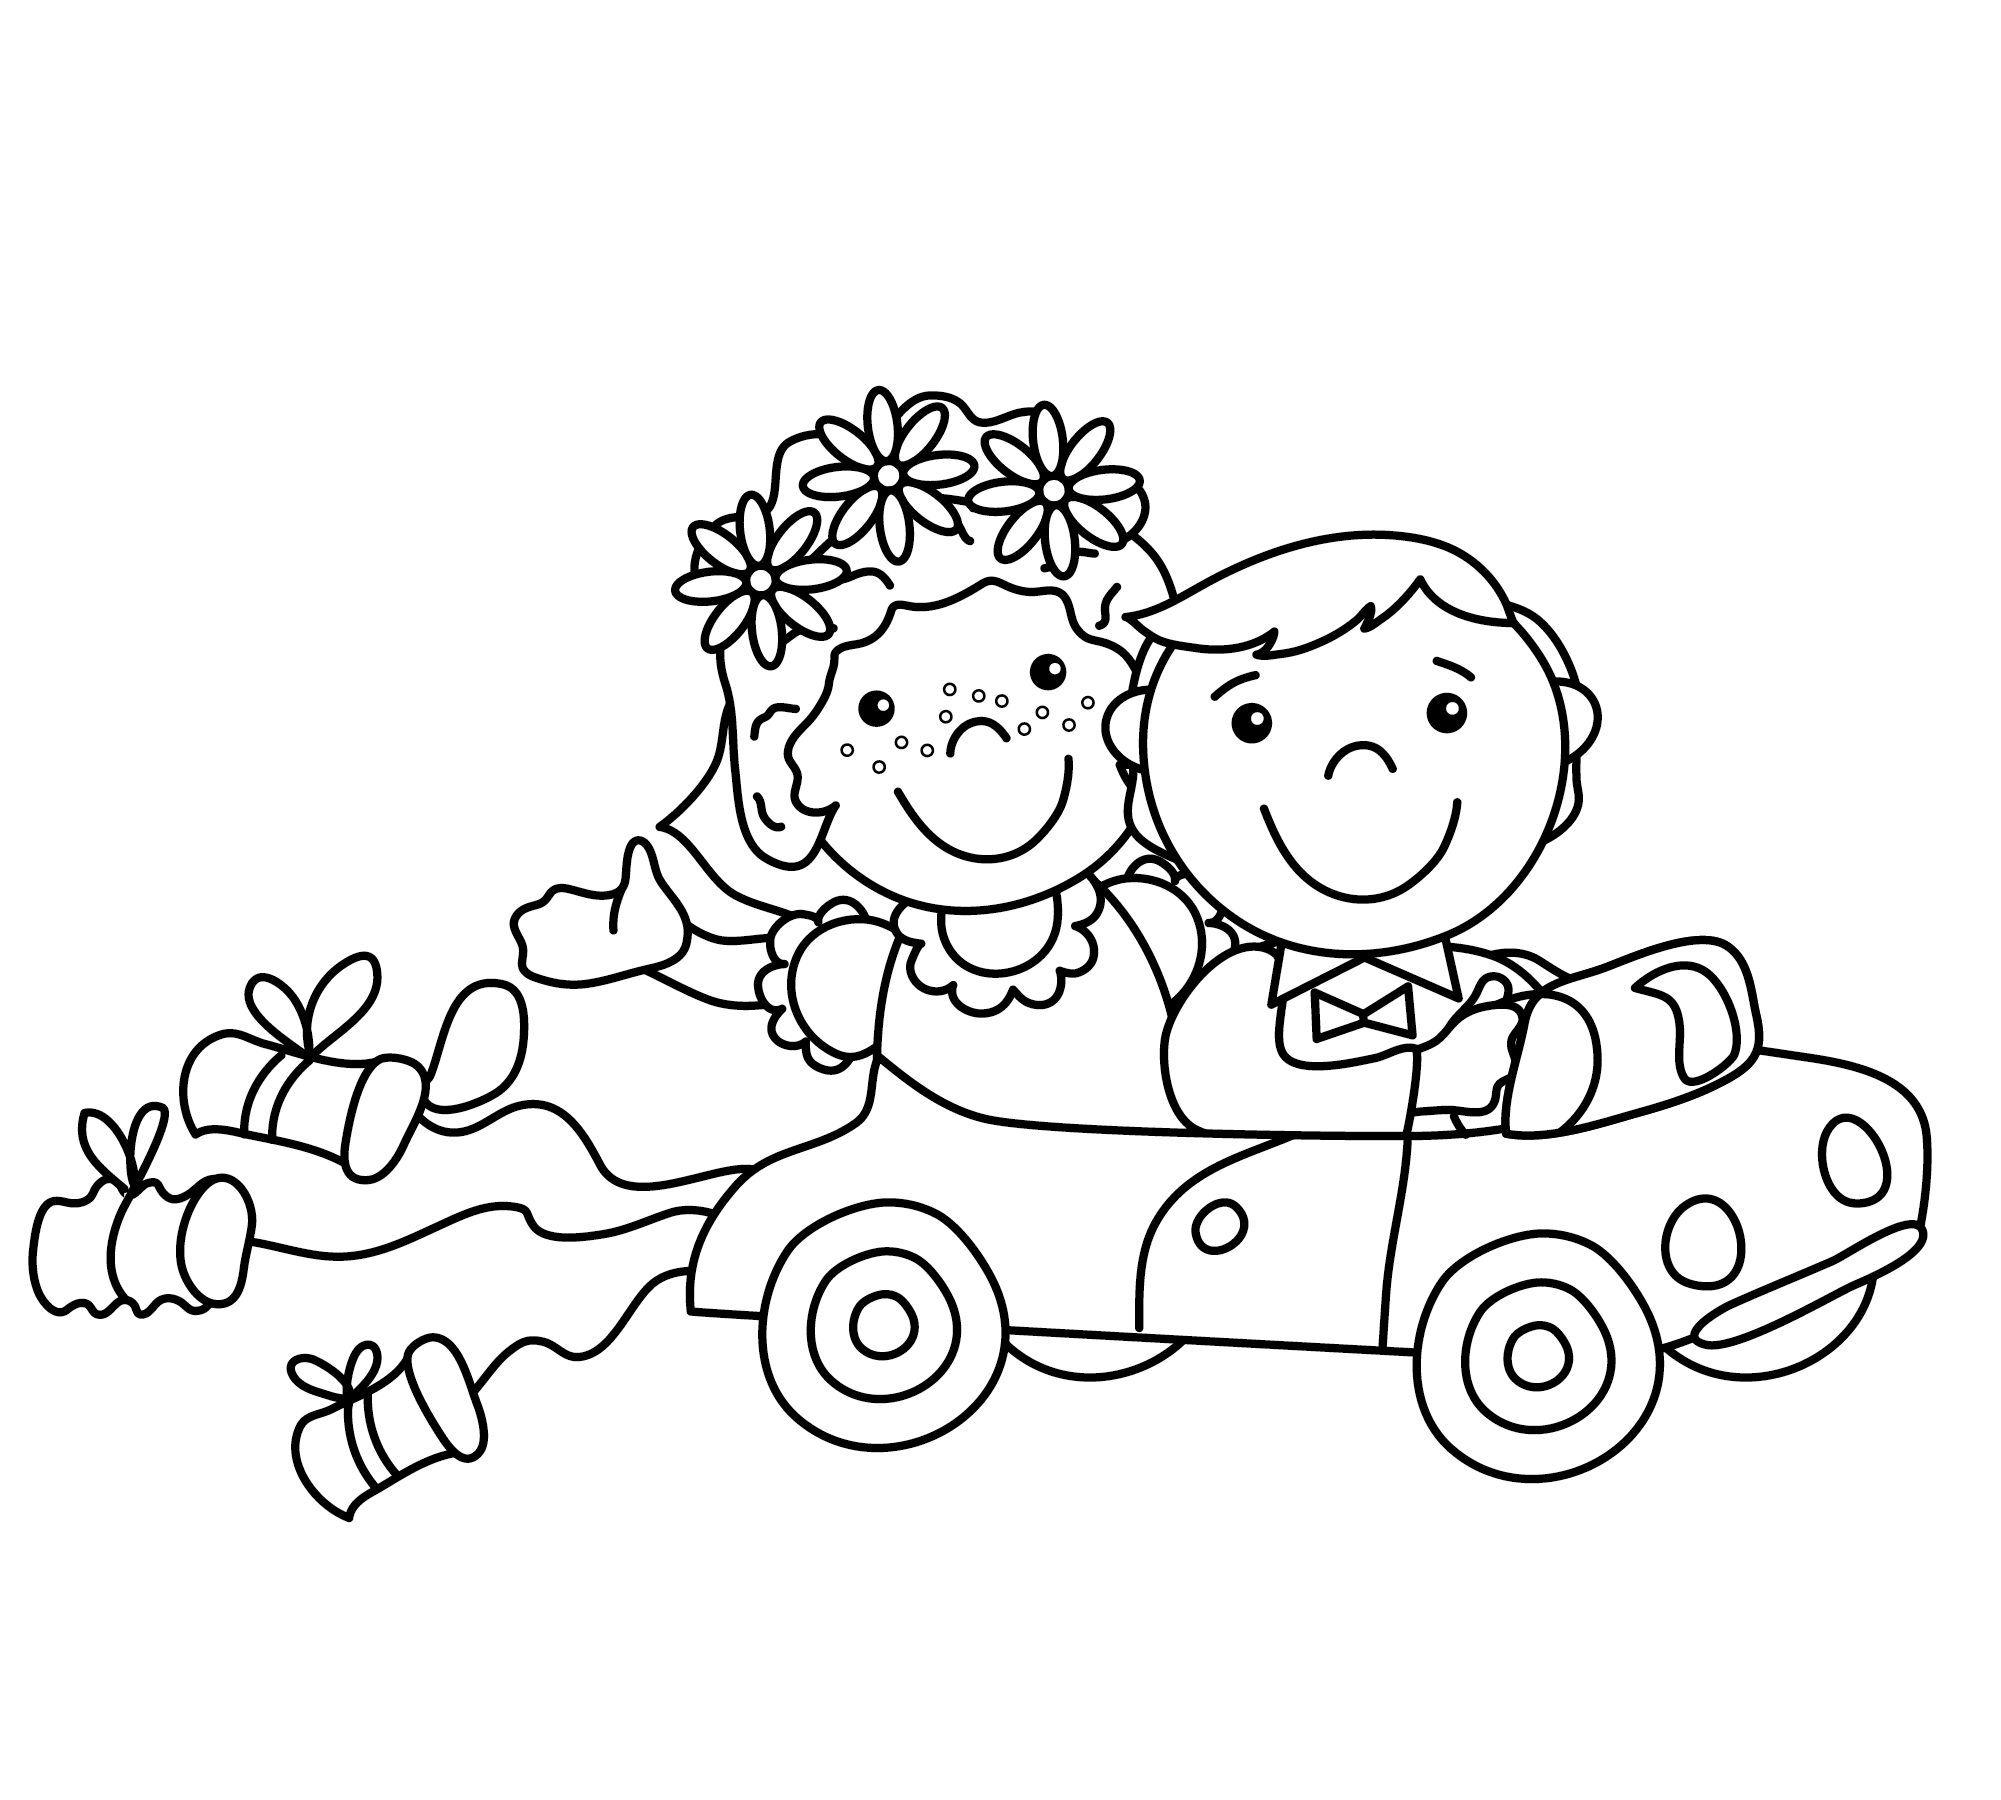 Ausmalbilder Hochzeit Auto 34893985734985 E1536768429411 Kids Funny Auto Color Art Hochzeit Malvorlagen Ausmalbilder Hochzeit Kinder Hochzeitsaktivitaten